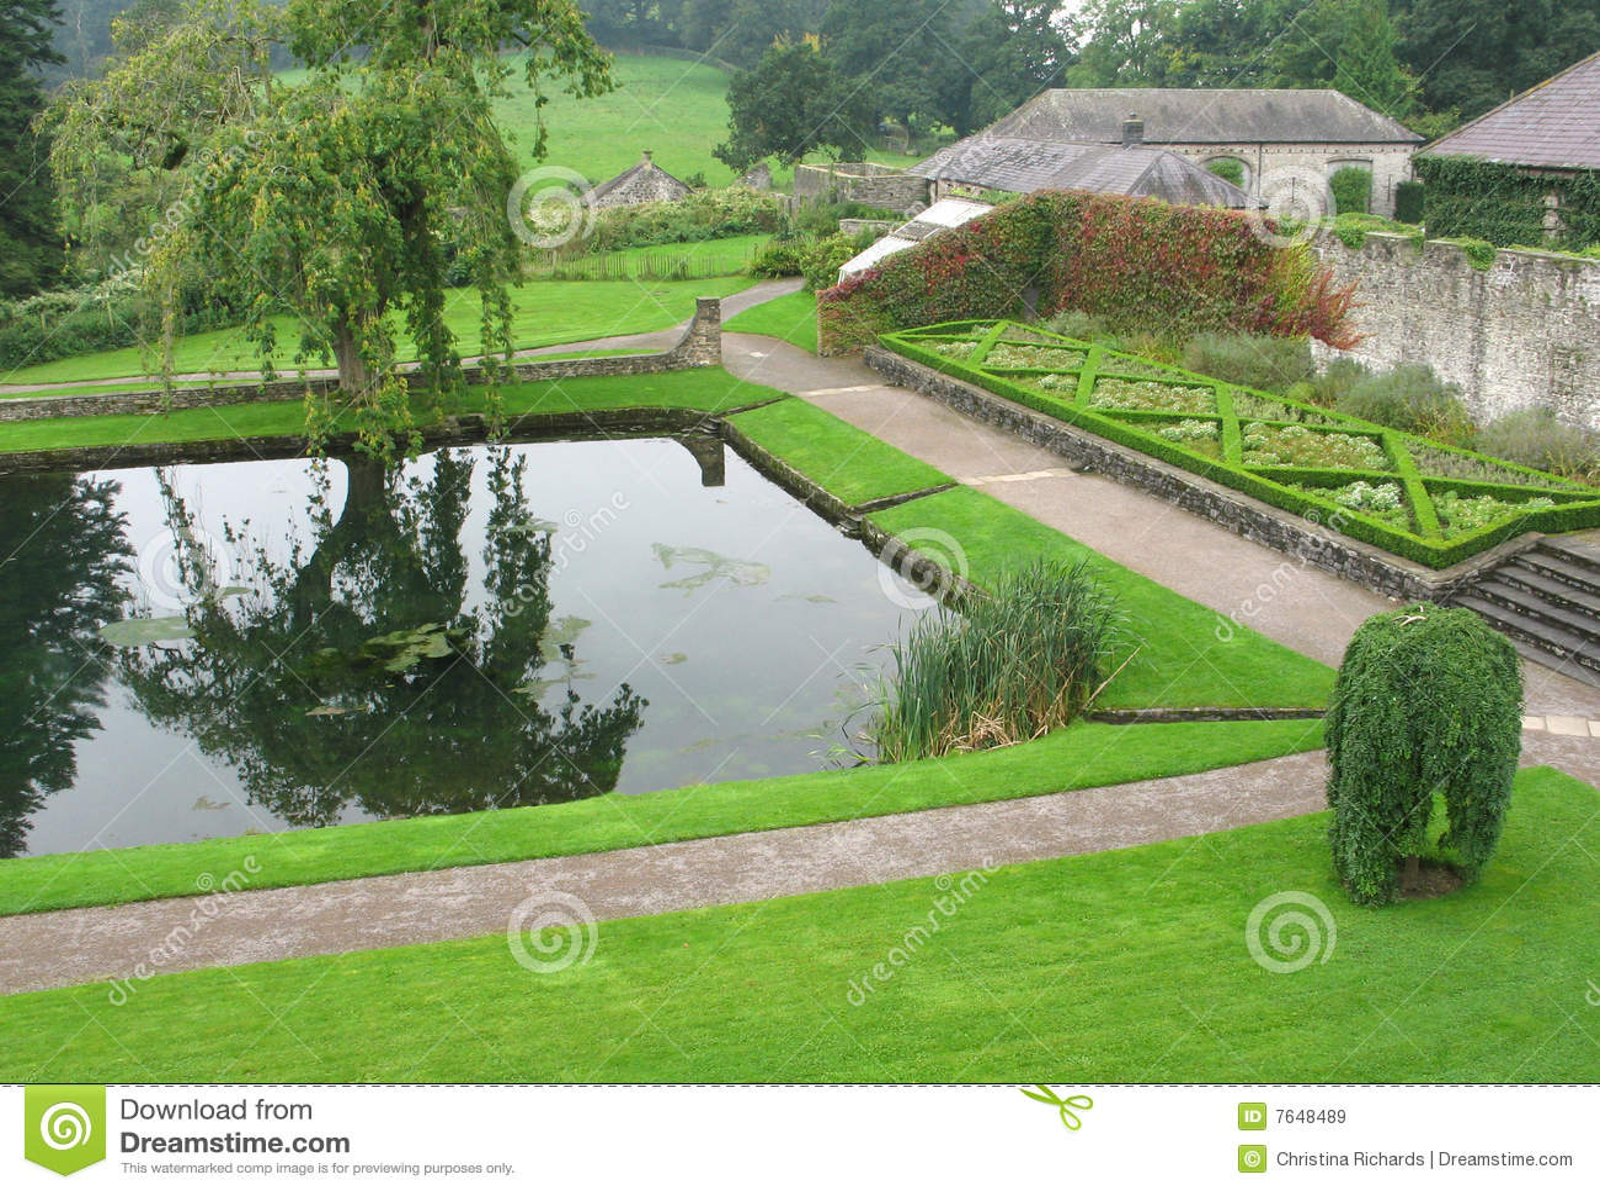 Pool at Aberglasney Garden, Wales UK